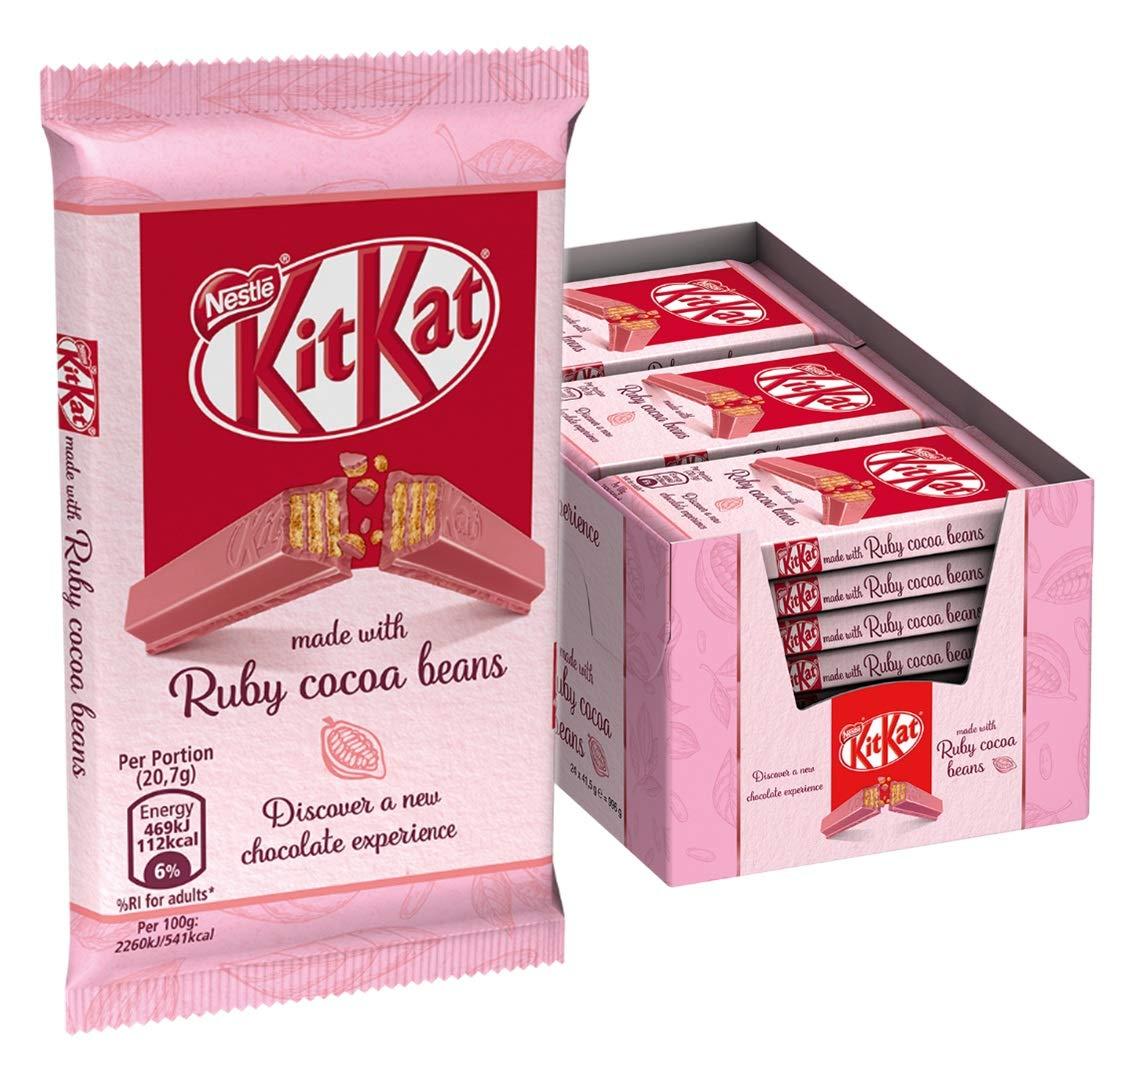 ¿Qué tan rico sabe el KitKat Ruby?